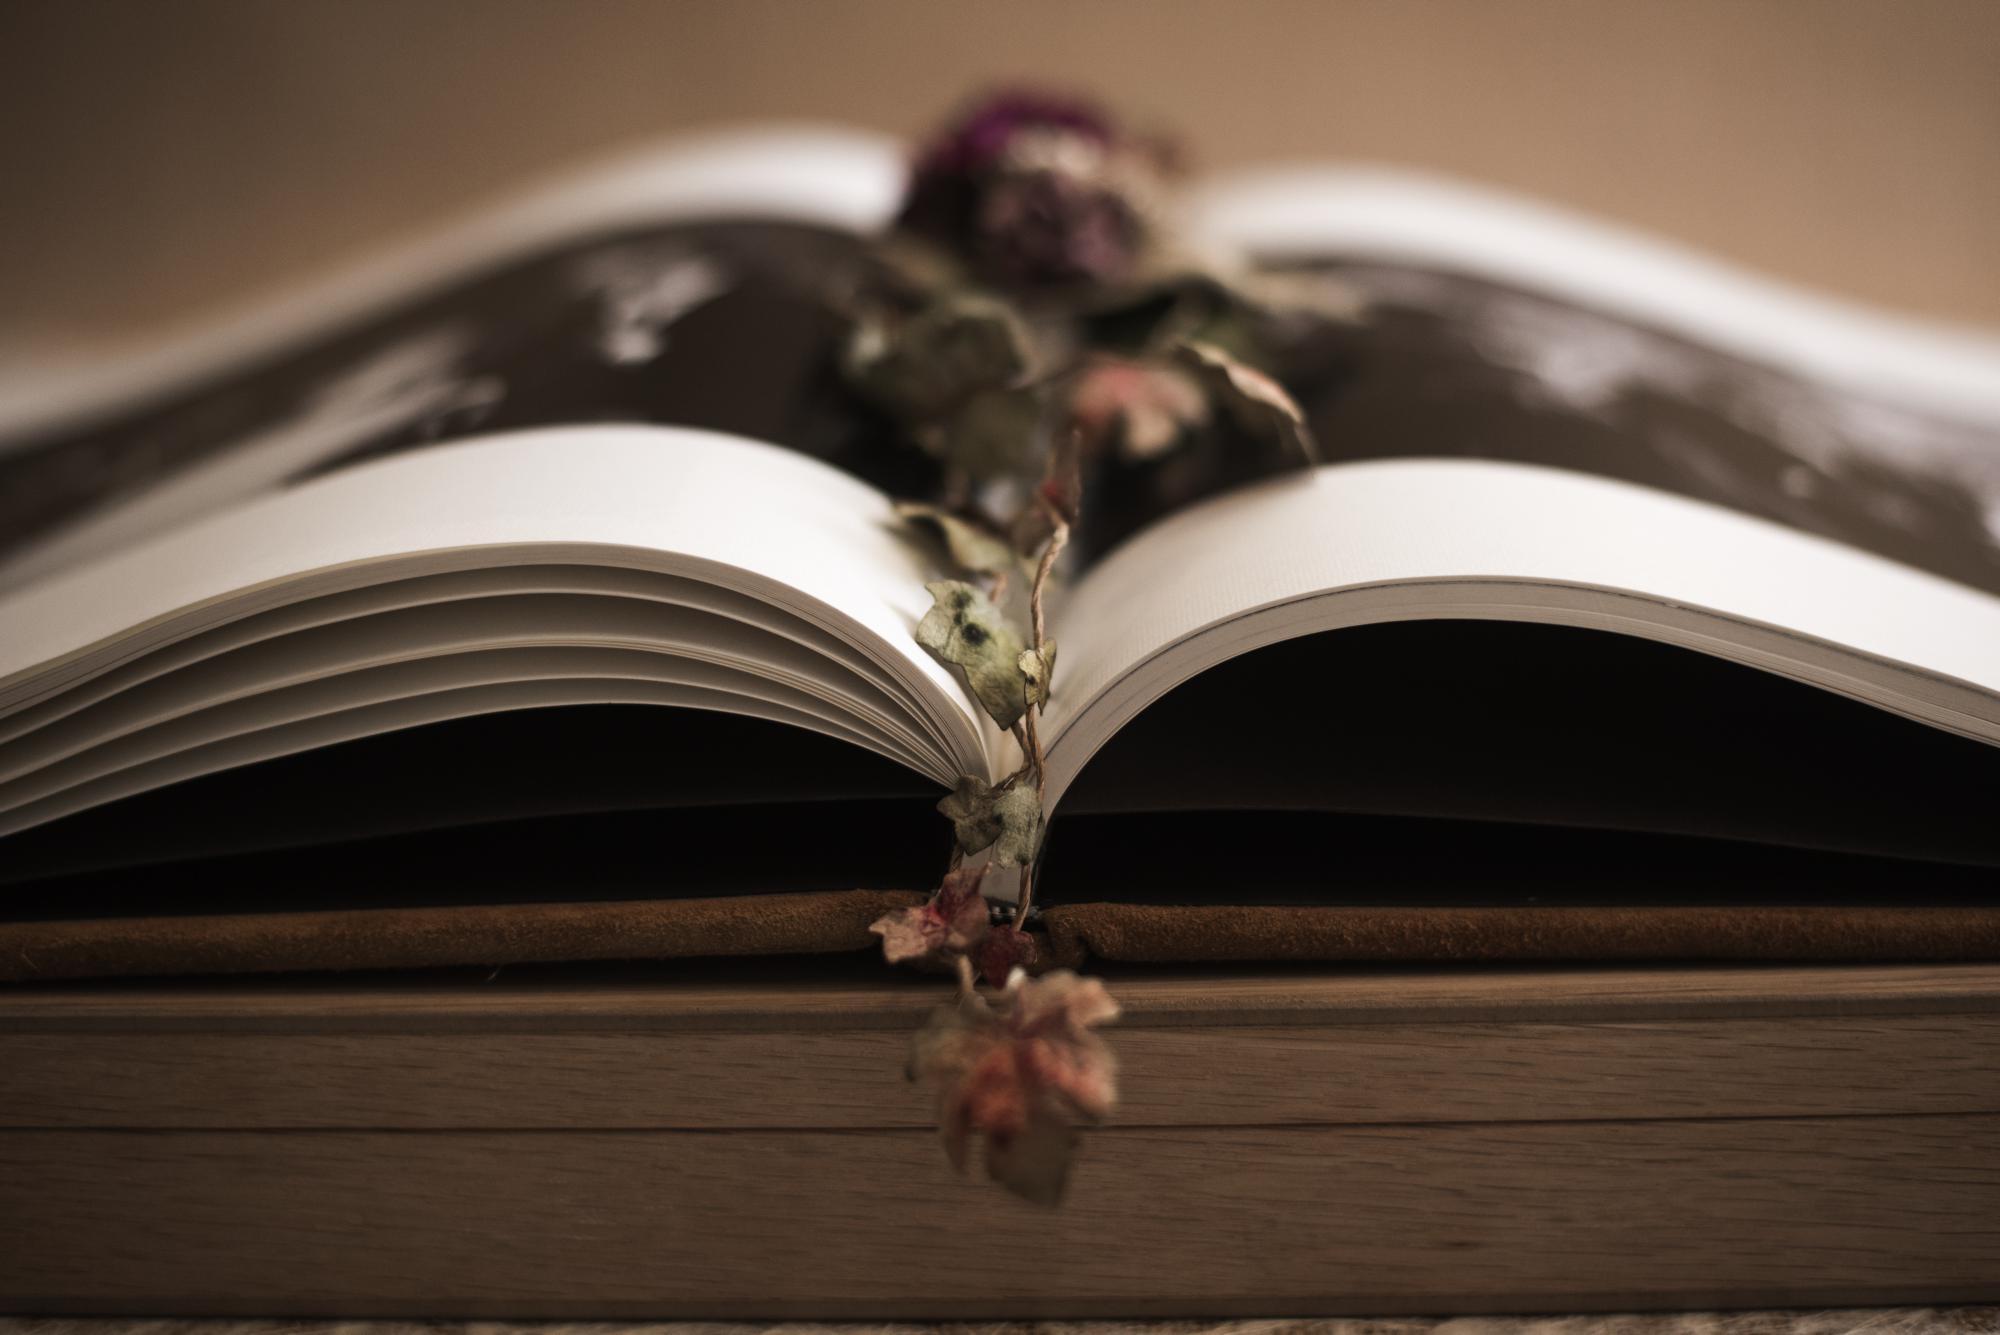 Libro en hoja eucaliptus abierto con adorno de flores secas